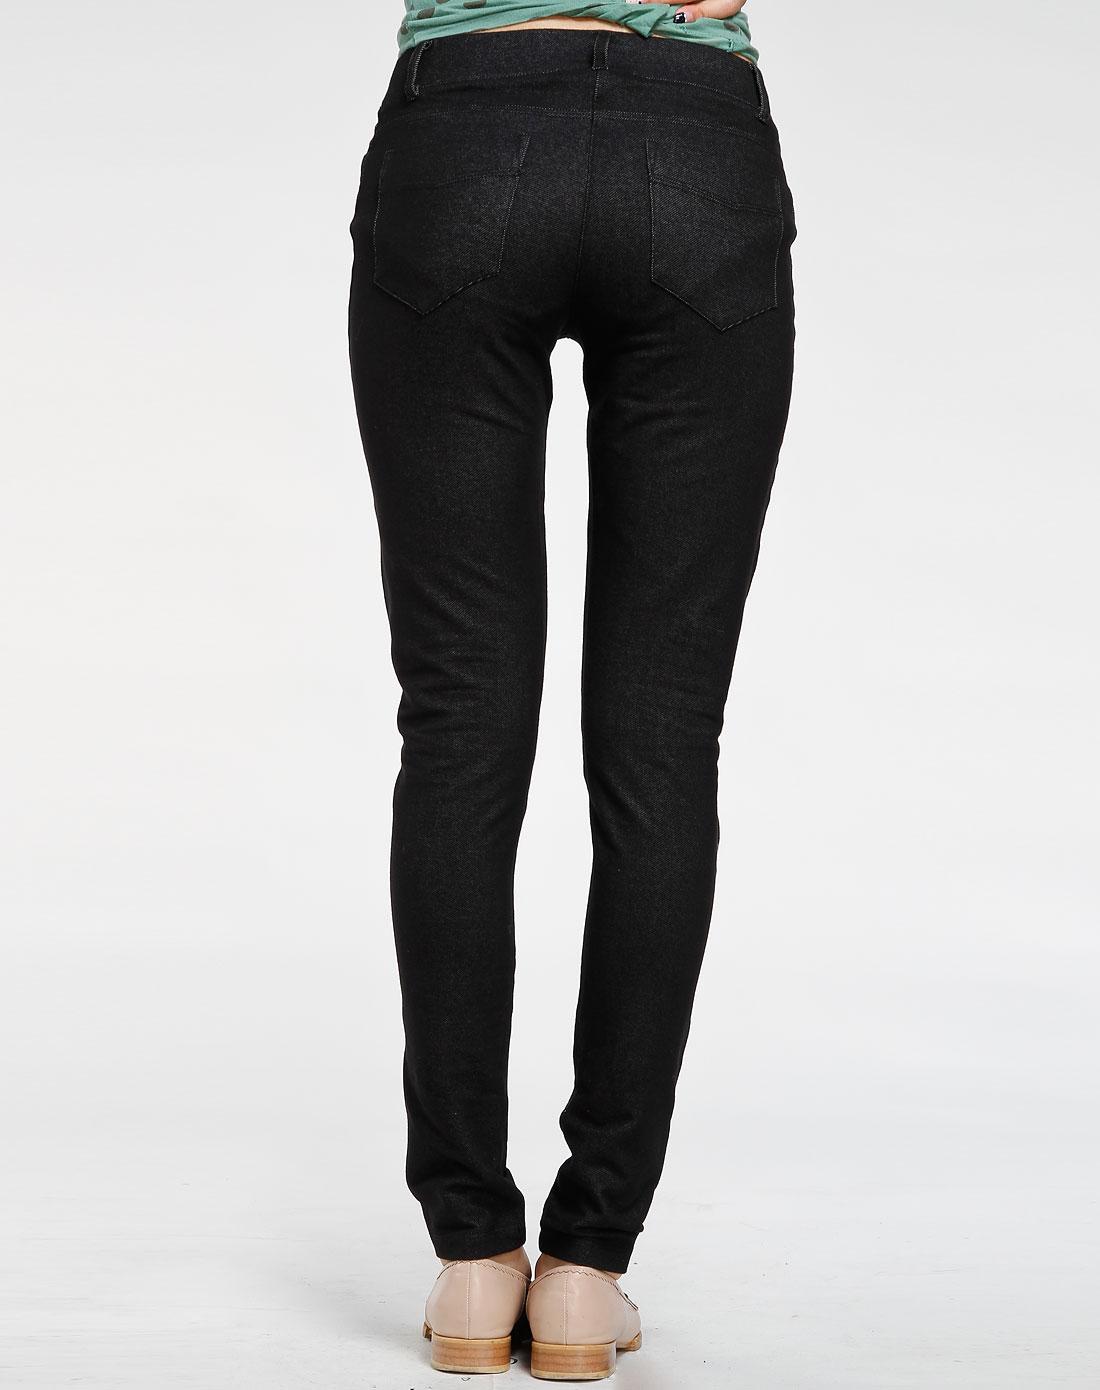 欧莱诺olomo黑色休闲紧身长裤1116301090